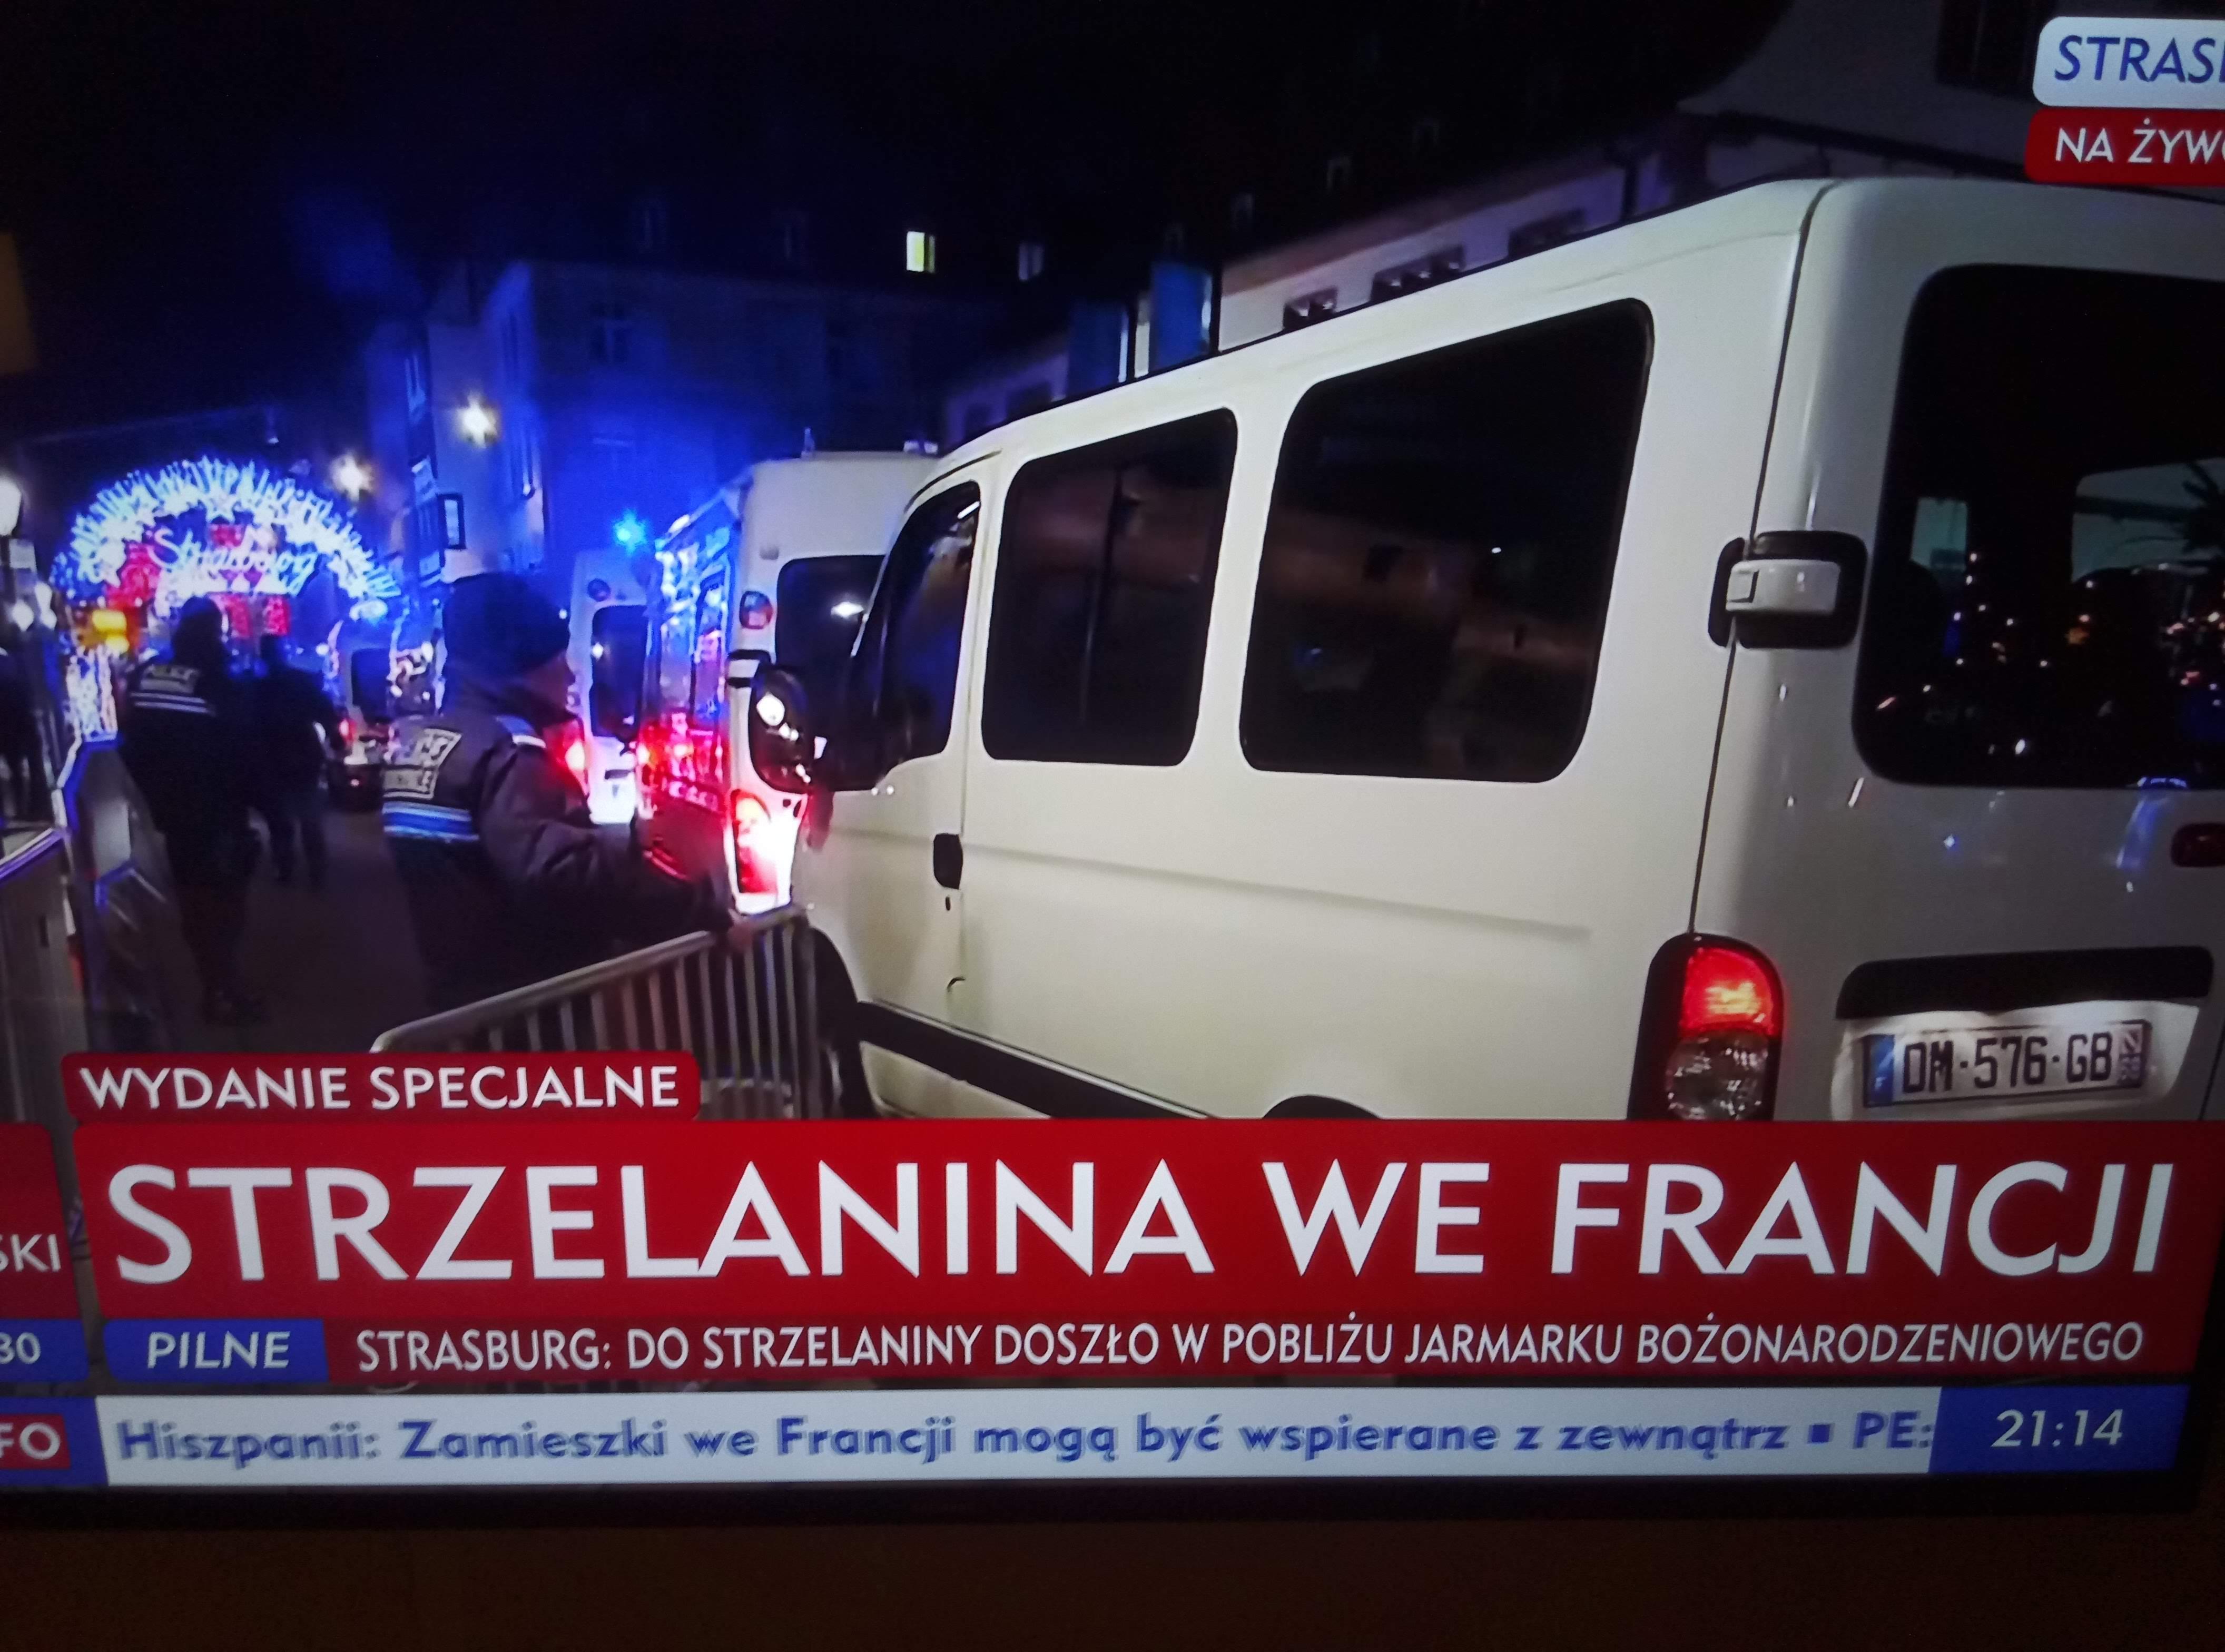 Francja: Strzelanina w centrum Strasburga. Budynek Parlamentu Europejskiego zamknięty i nie można z niego wychodzić